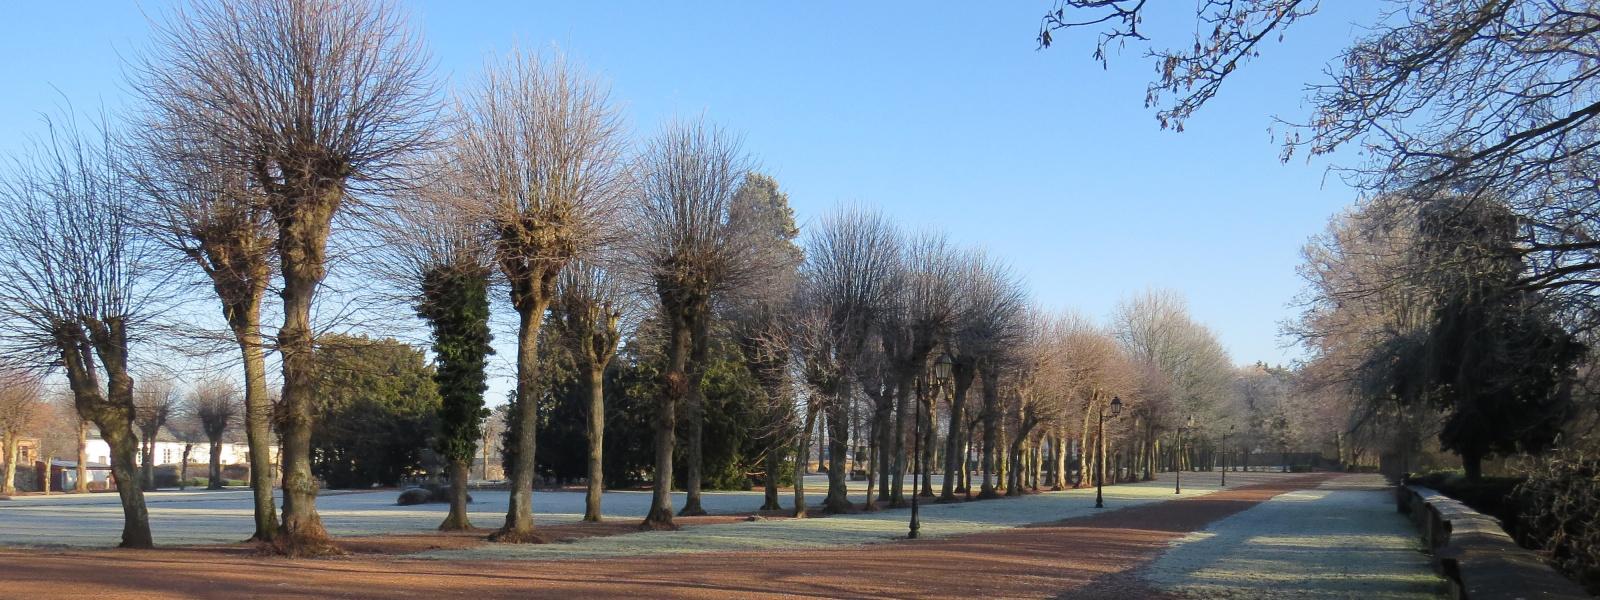 Commune de Ham-sur-Heure-Nalinnes | Parc Chateau Ham-sur-Heure automne 1